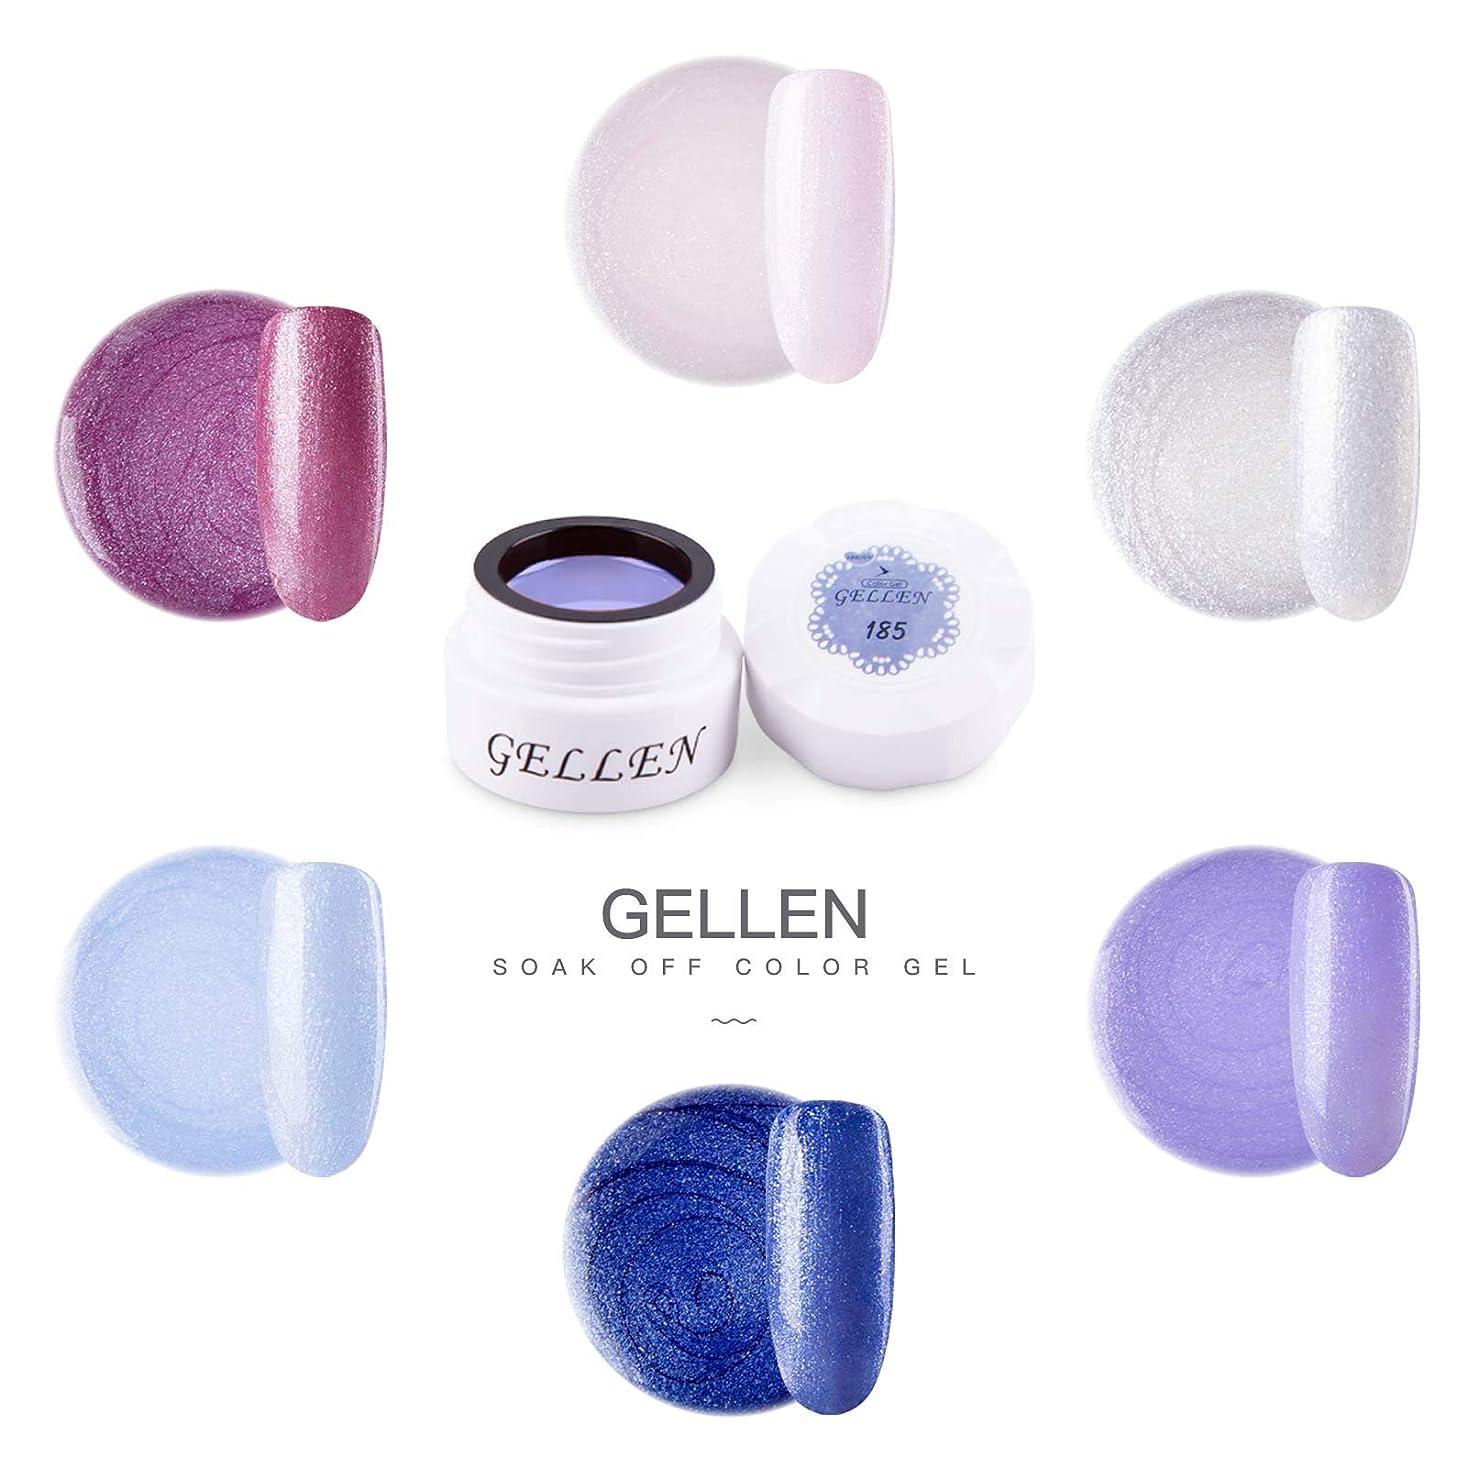 異常なキャプテン思い出させるGellen カラージェル 6色 セット[パール カラー系]高品質 5g ジェルネイル カラー ネイルブラシ付き